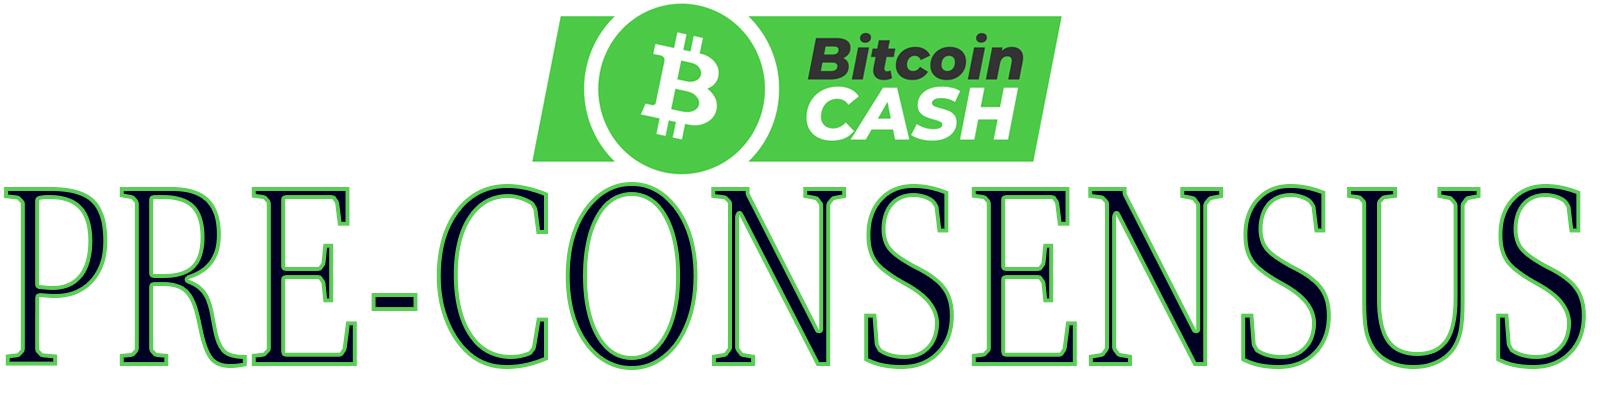 Bitcoin Cash Developers Debate an Idea Called Pre-Consensus